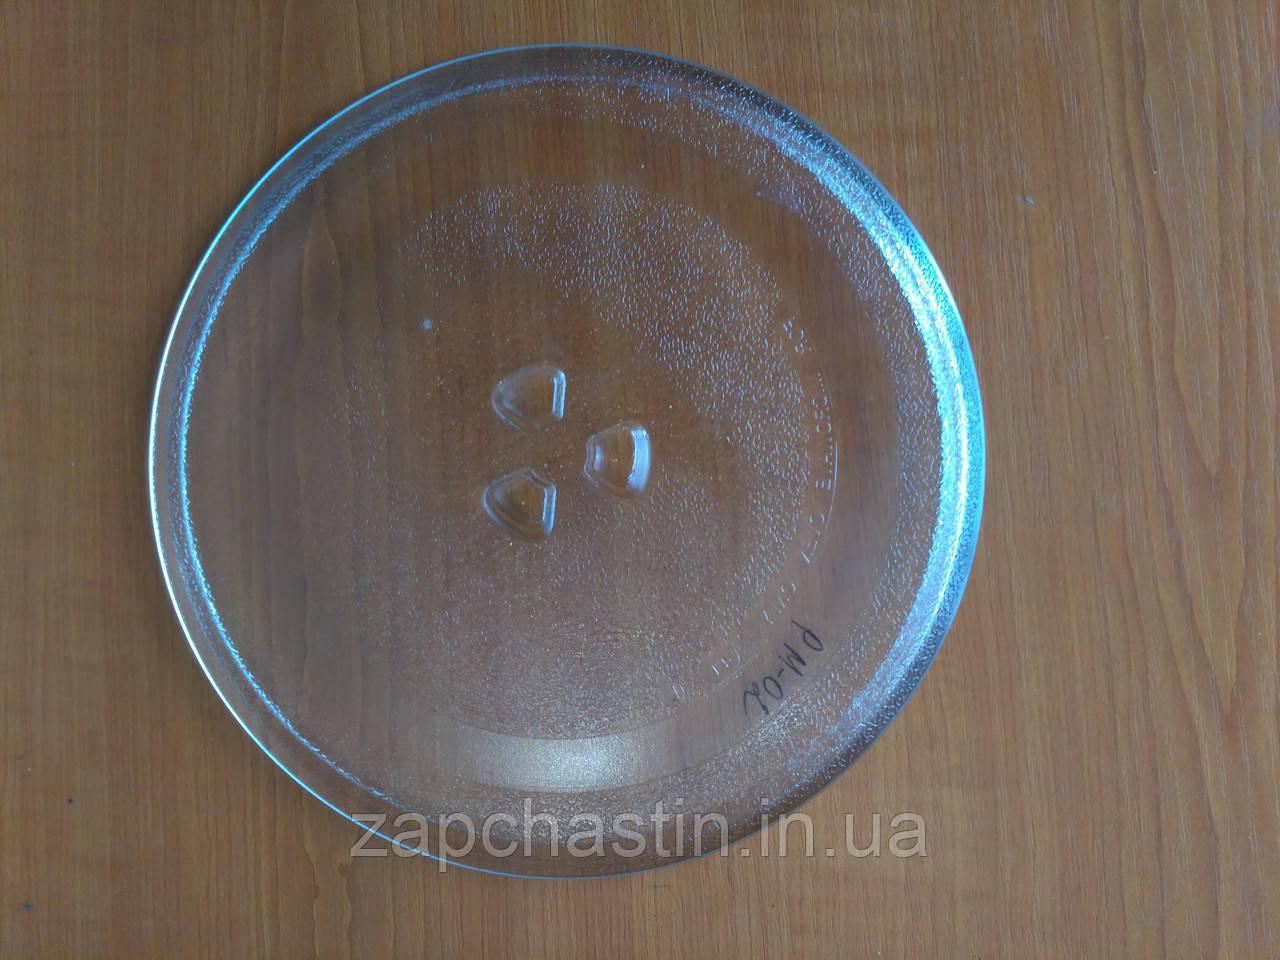 Тарілка мікрохвильовки D-245, виступ під вузький куплер, LG